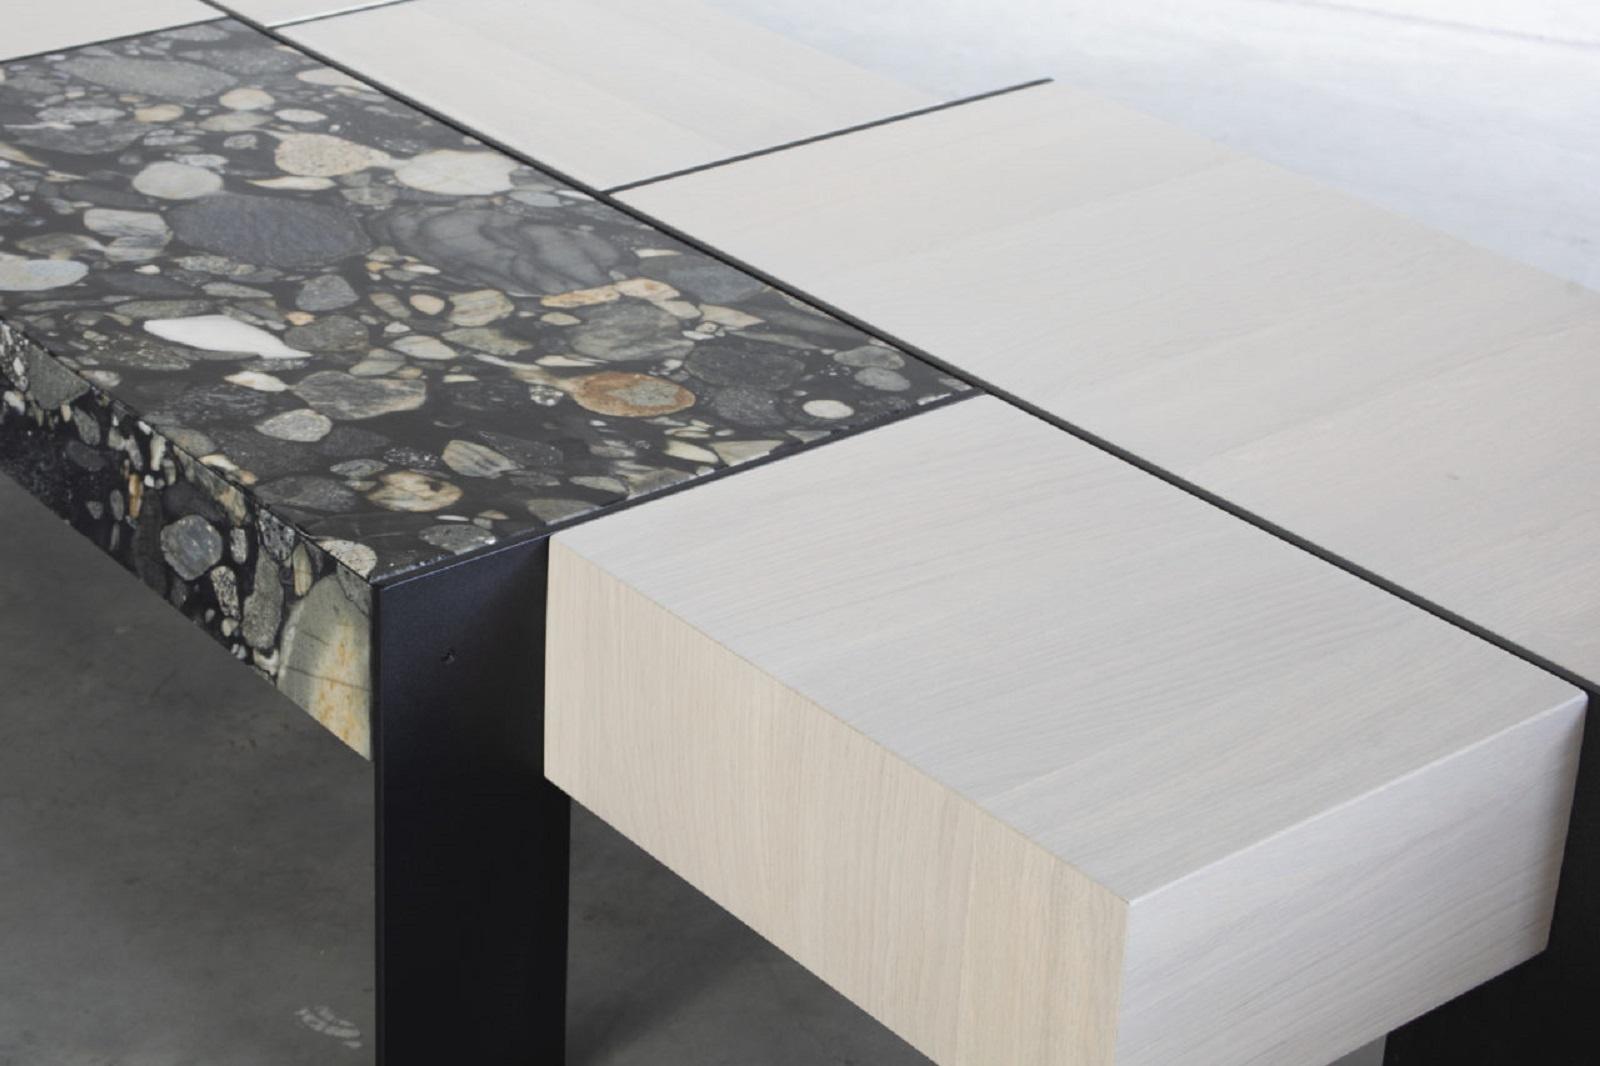 Kitale coffee table 5 klein.jpg